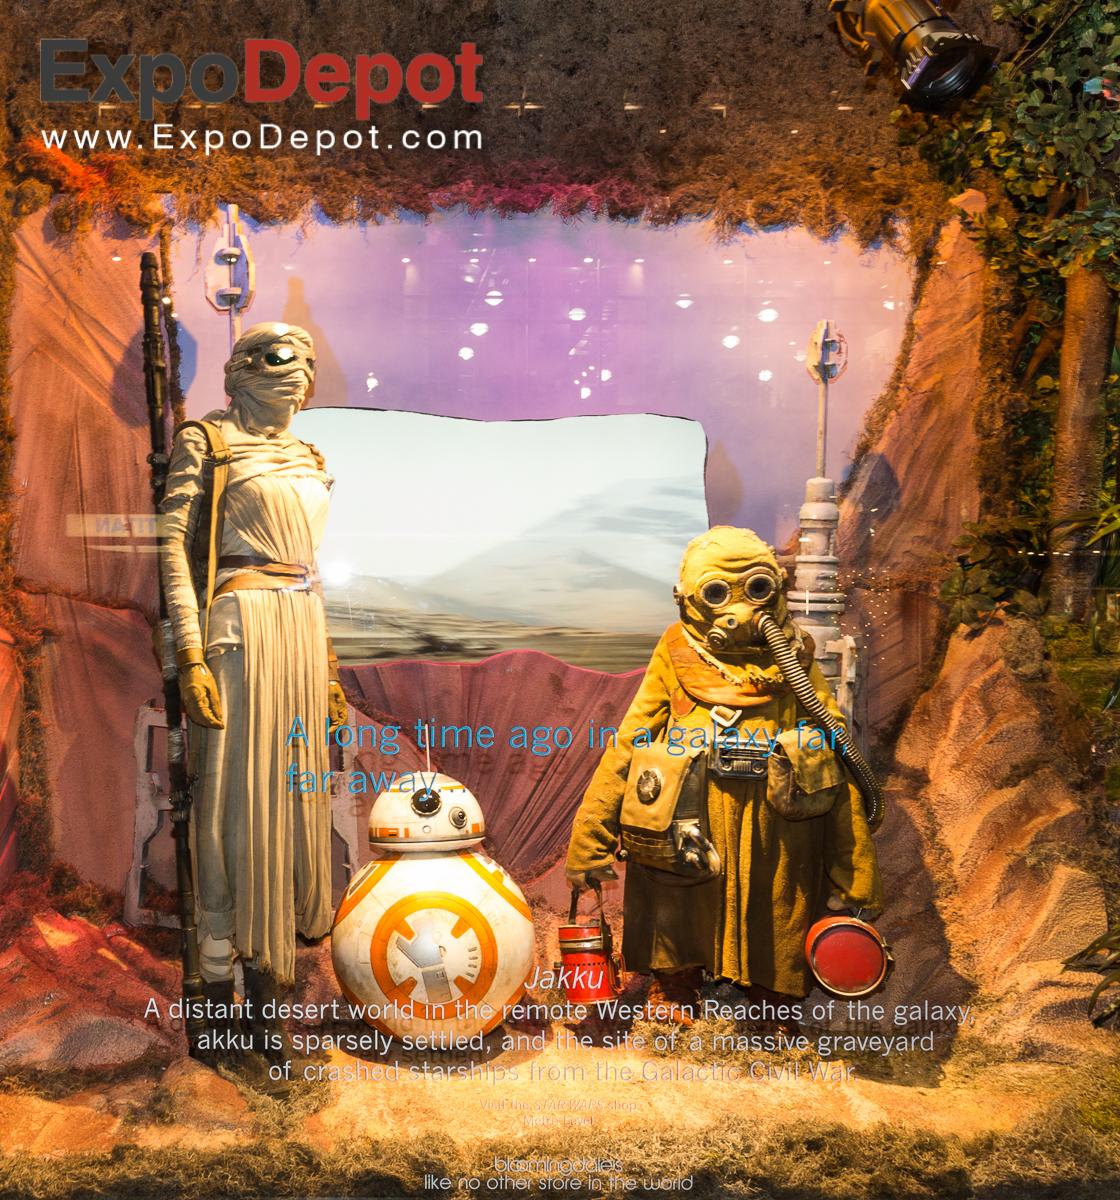 Bloomingdales - Star Wars display - Jakku Window